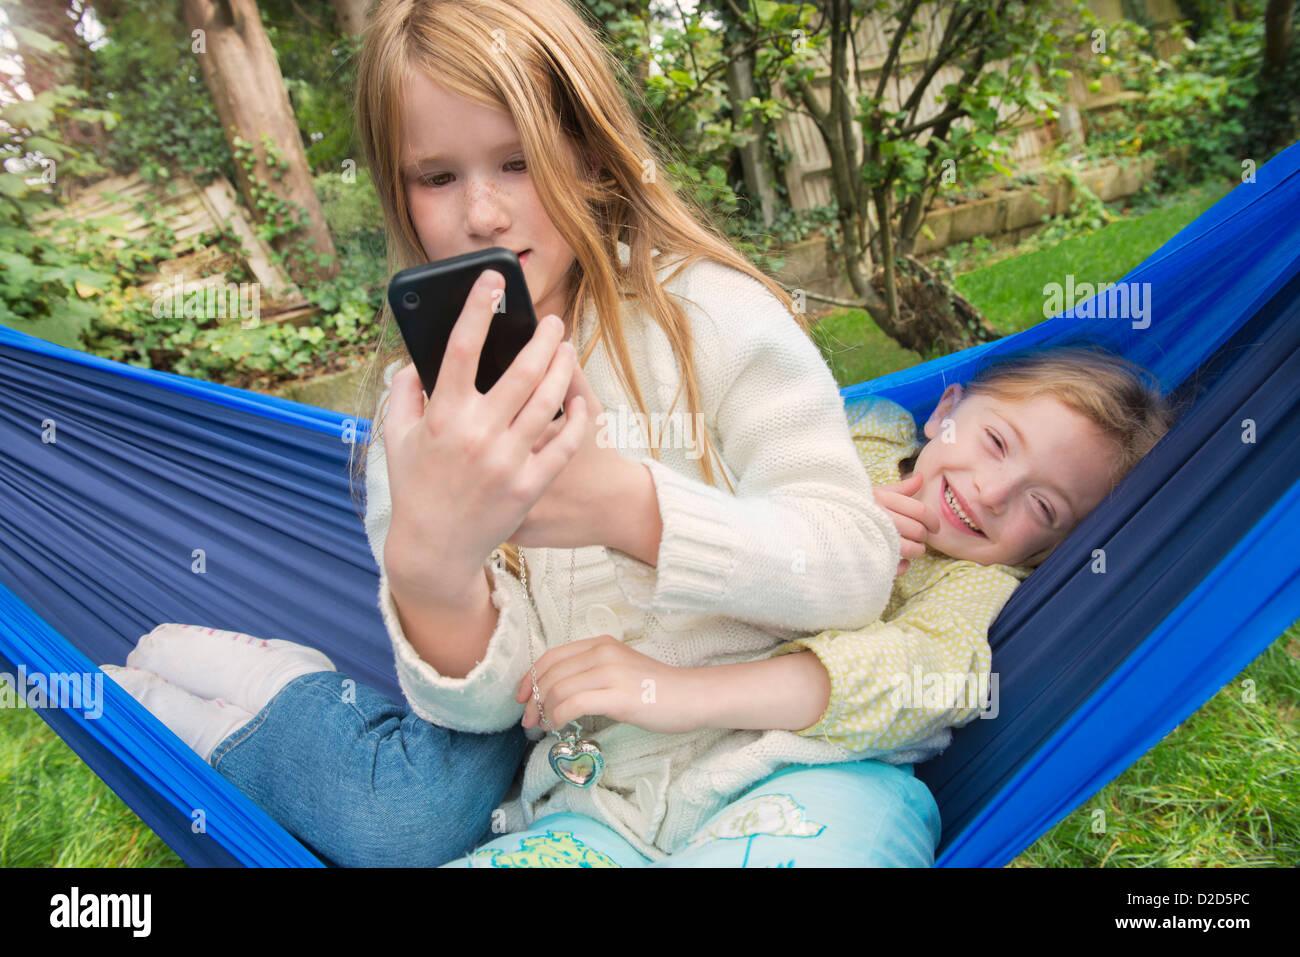 Children relaxing in hammock - Stock Image